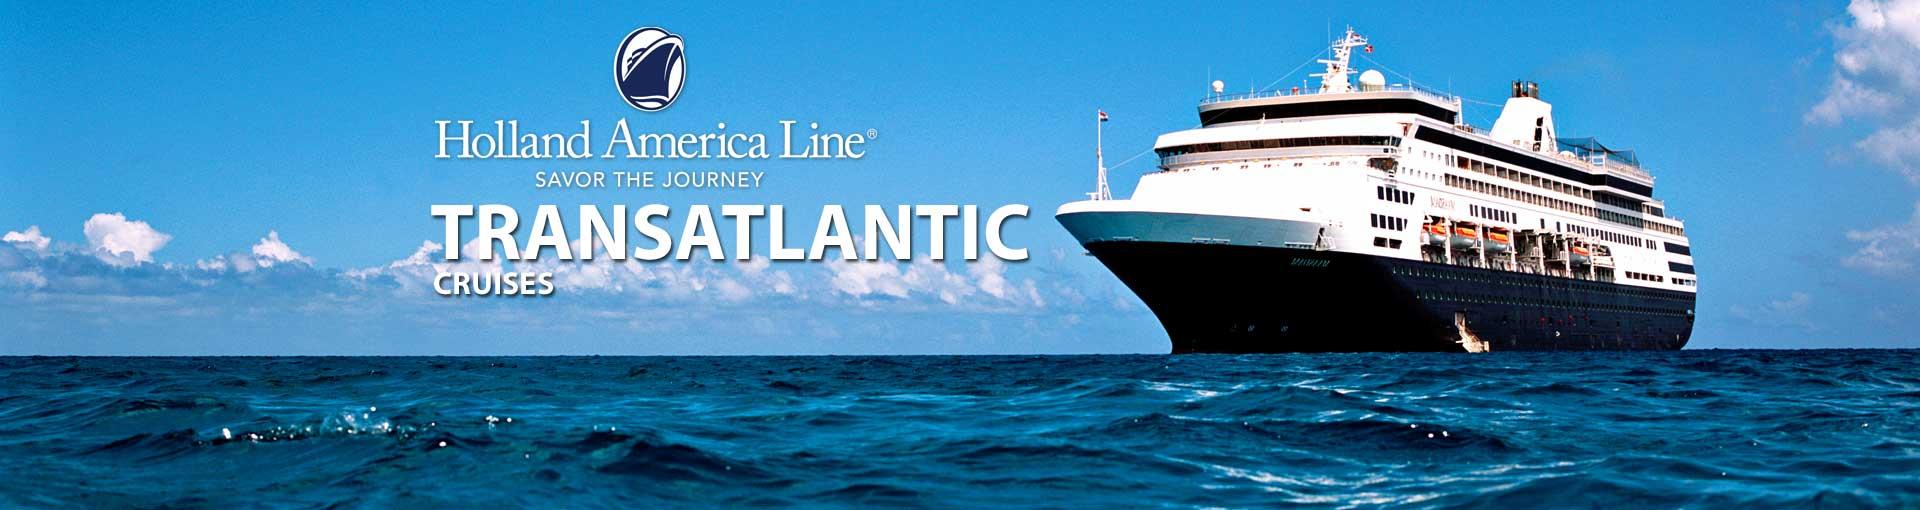 Holland America Transatlantic Cruises 2018 And 2019 Transatlantic Holland America Cruises The